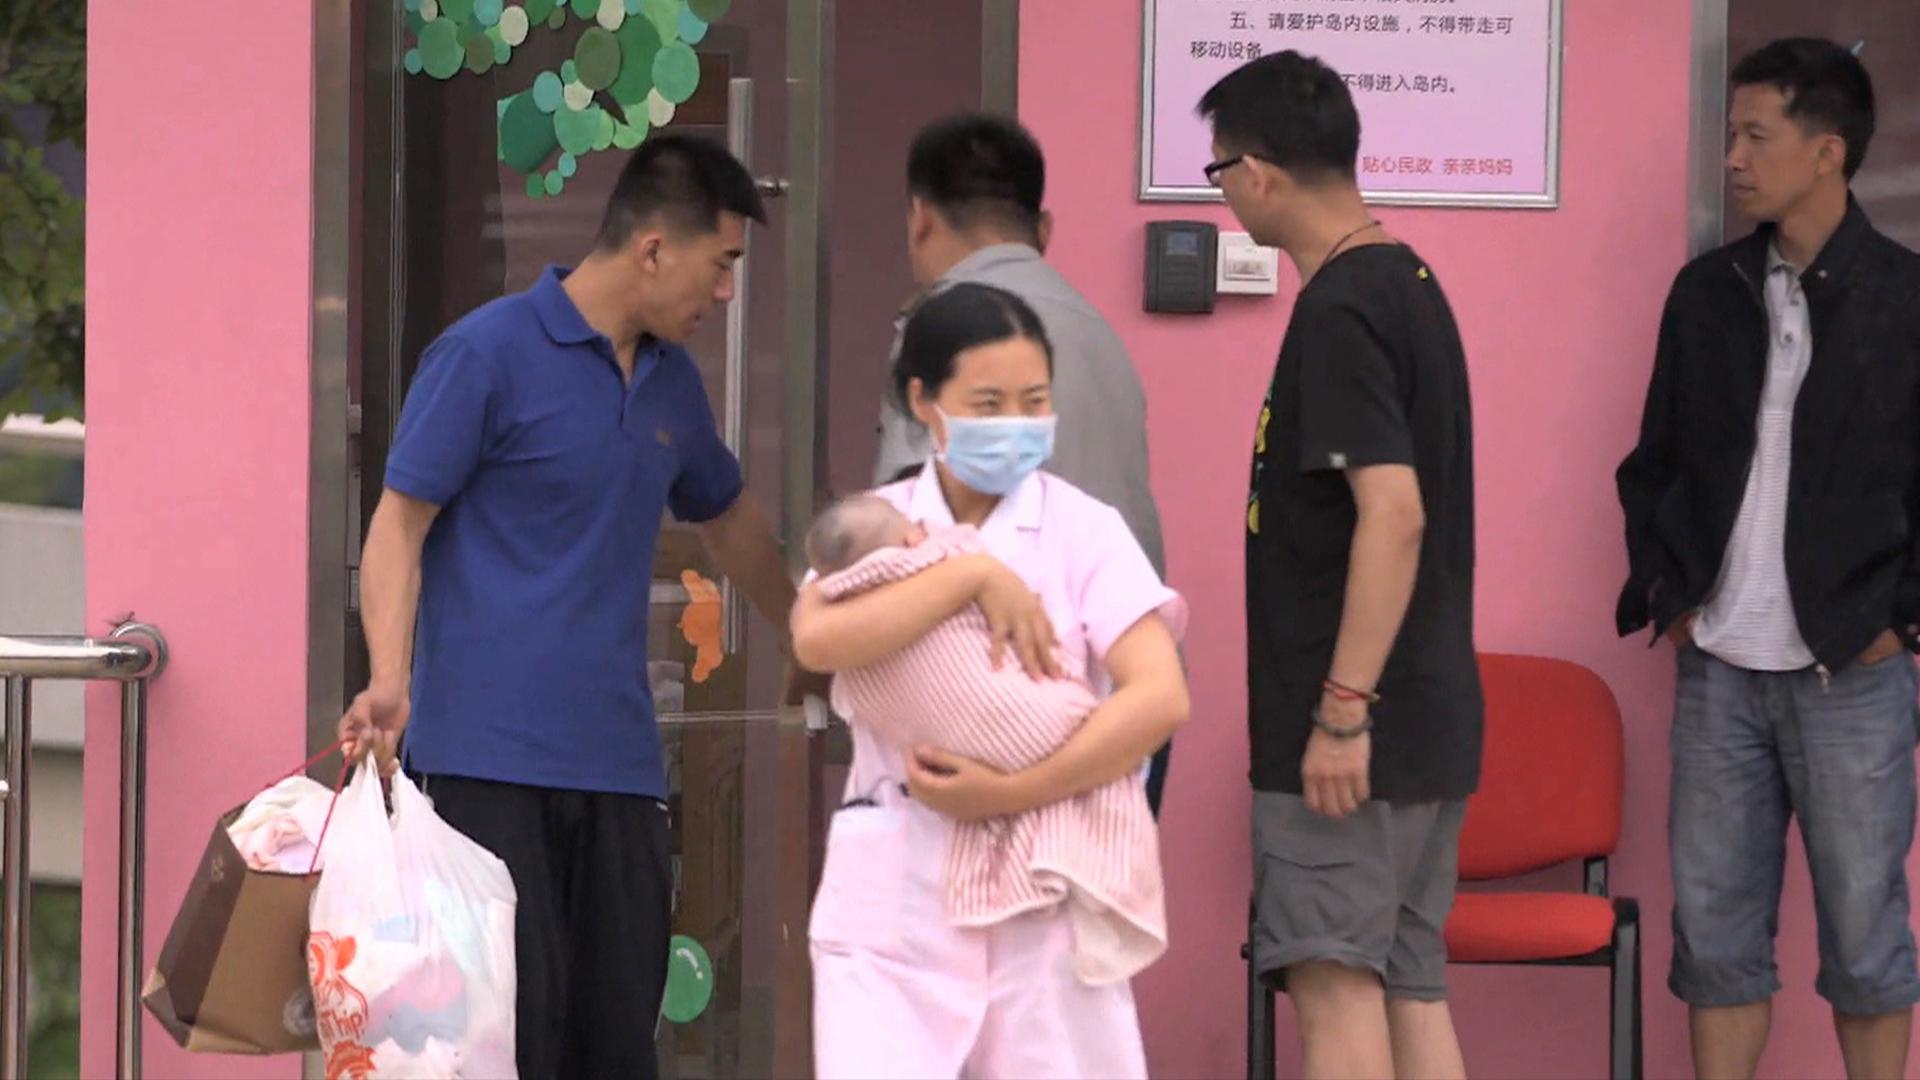 China's baby hatches